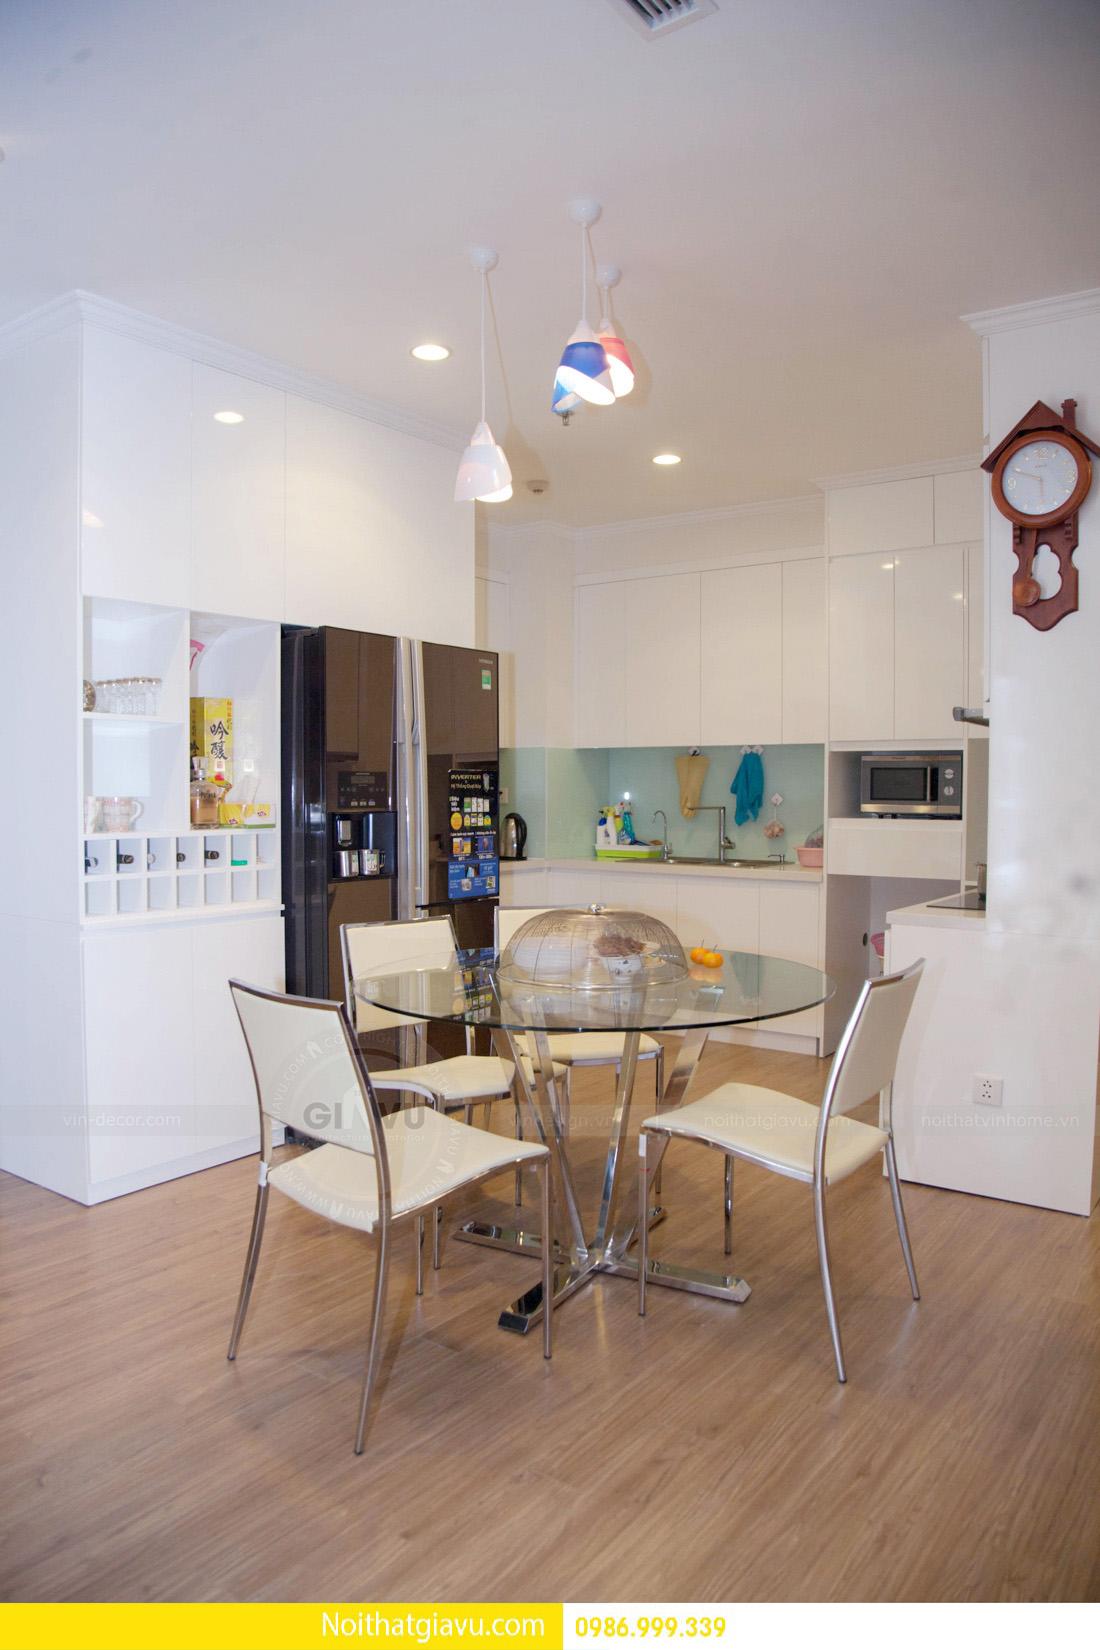 thiết kế nội thất chung cư Gardenia A2 0986999339 07